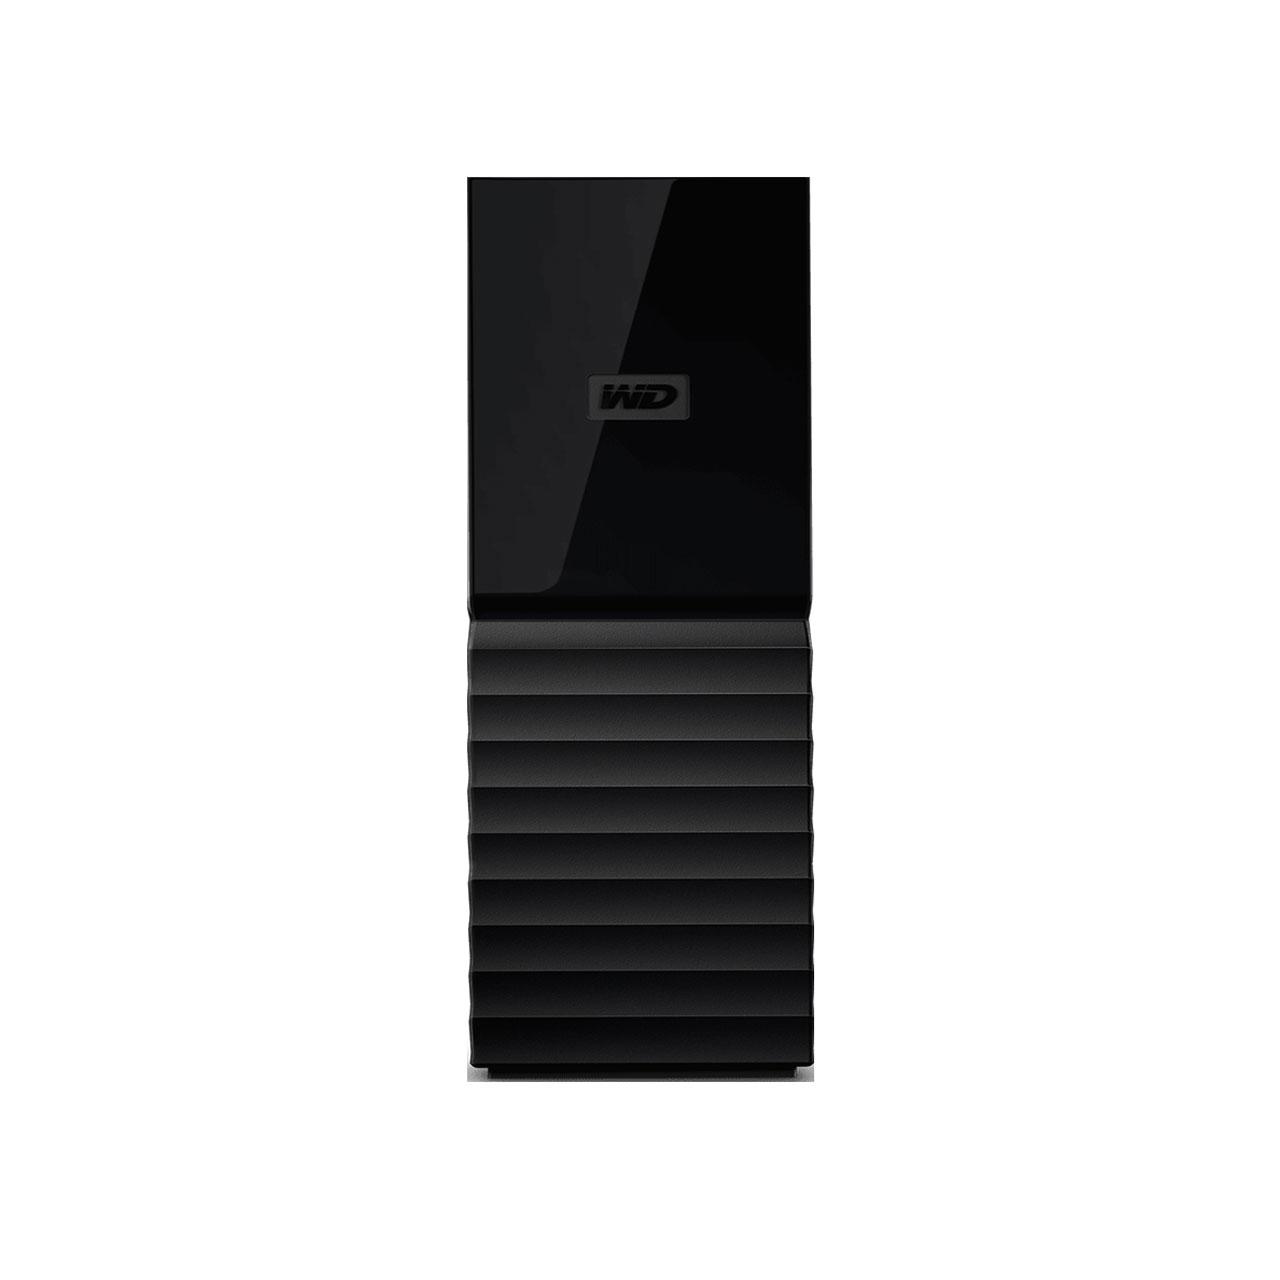 هارد-اکسترنال-وسترن-دیجیتال-My-Book-Desktop-ظرفیت-4-ترابایت